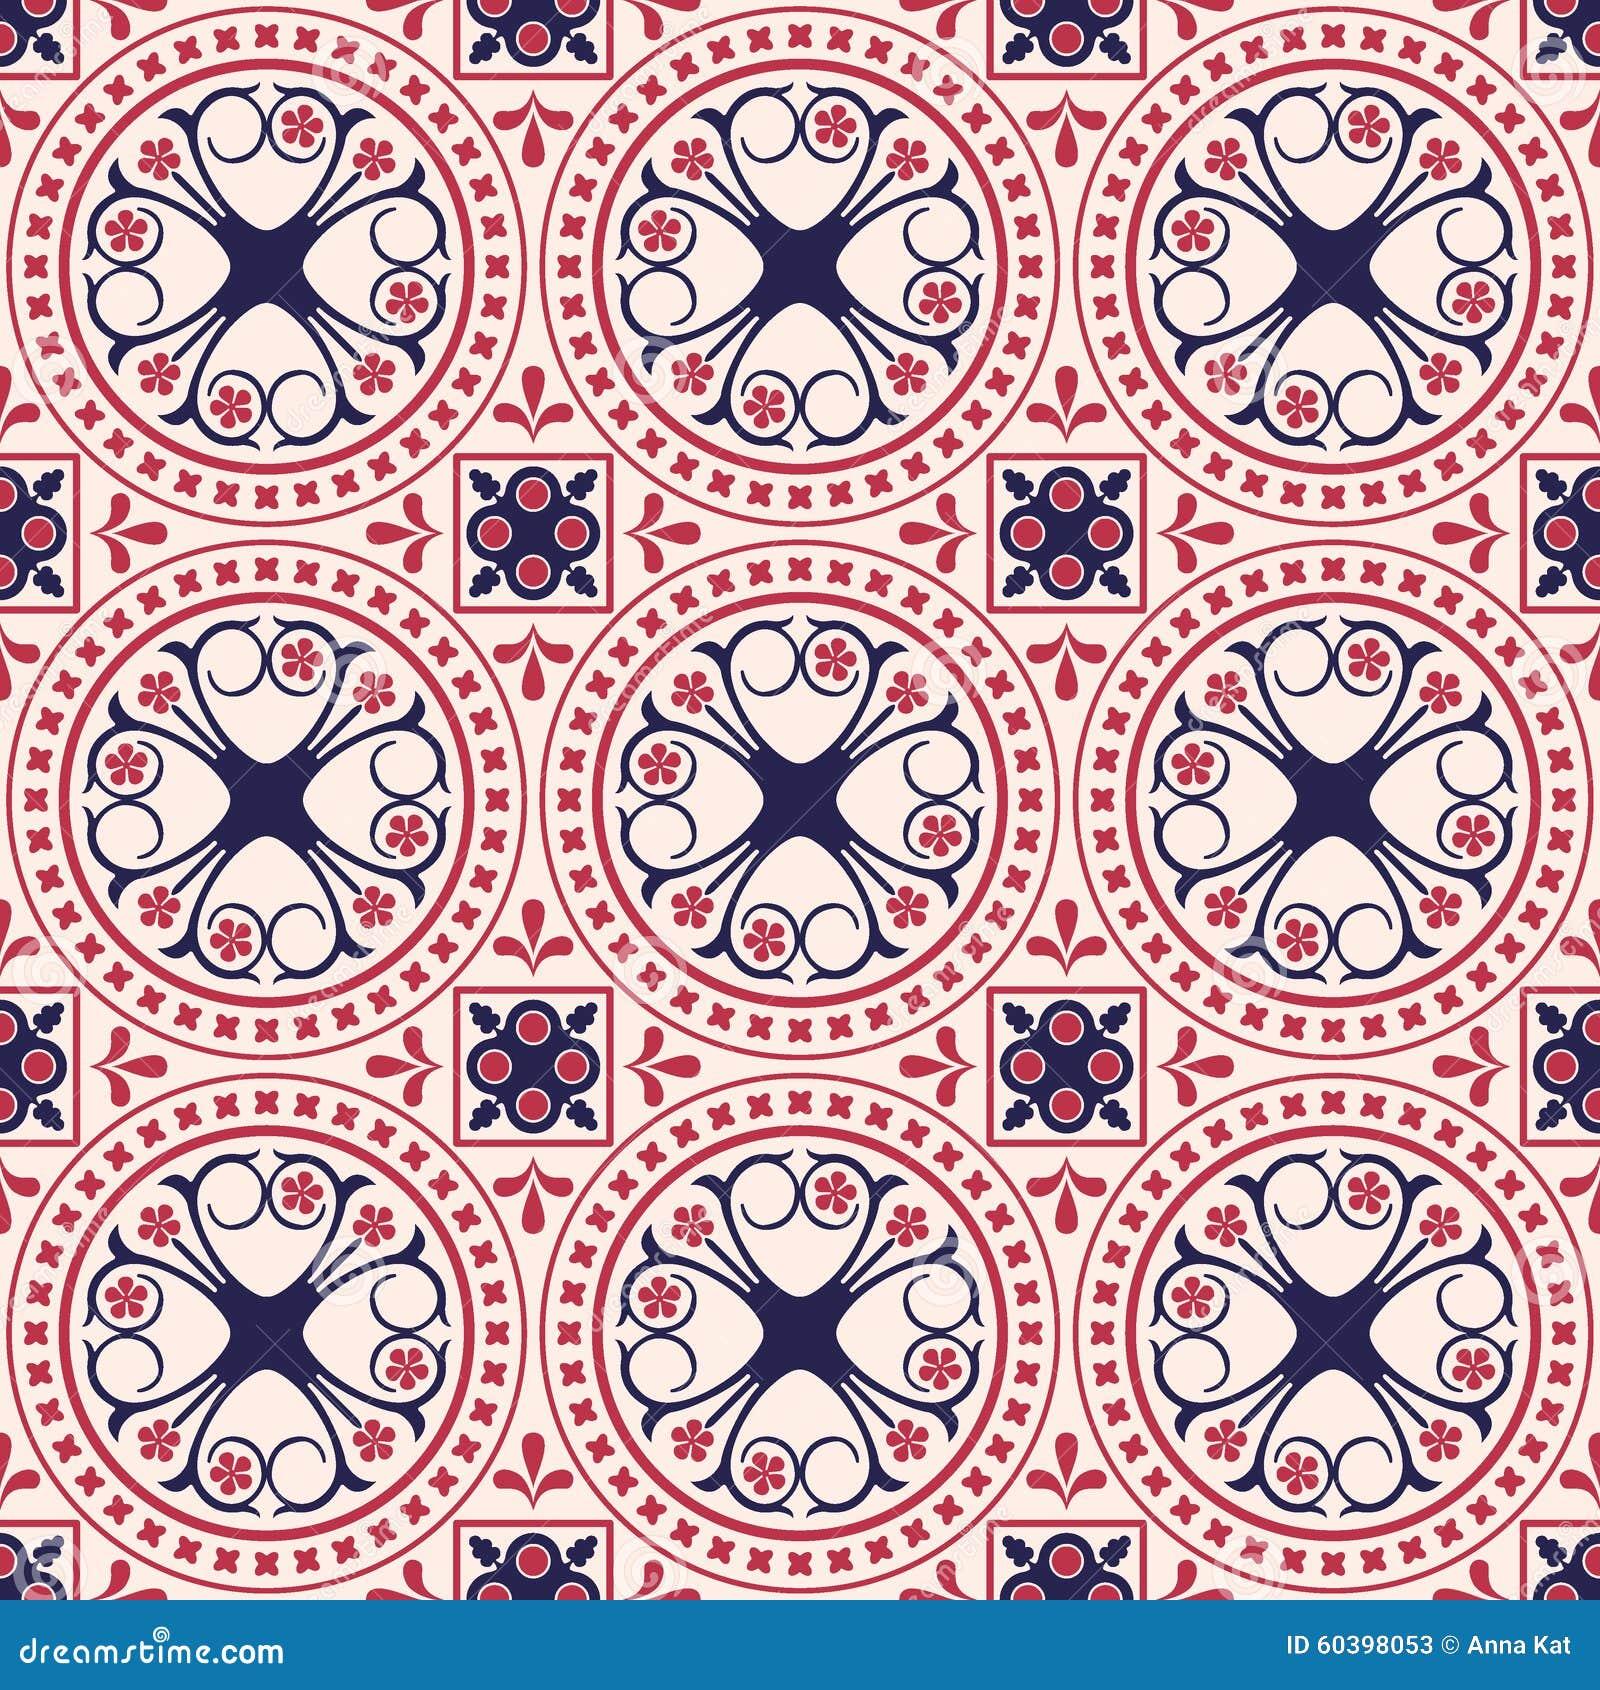 azulejos marroqu es ilustraci n del vector imagen 60398053